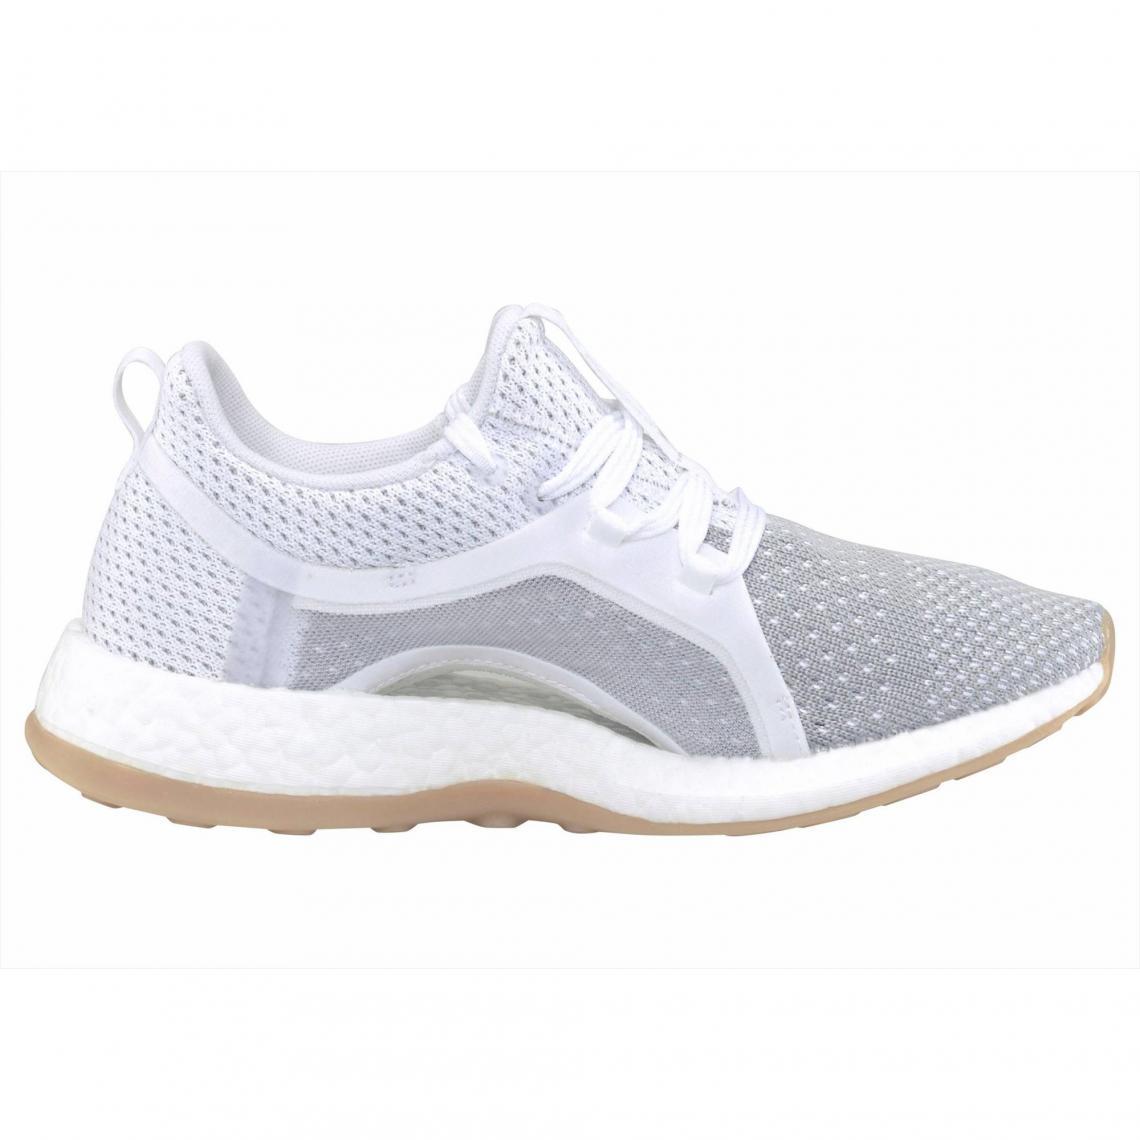 premium selection d87f7 98cb5 Sneakers Adidas Performance Cliquez l image pour l agrandir. Chaussures de running  femme adidas Performance Pure Boost X ...